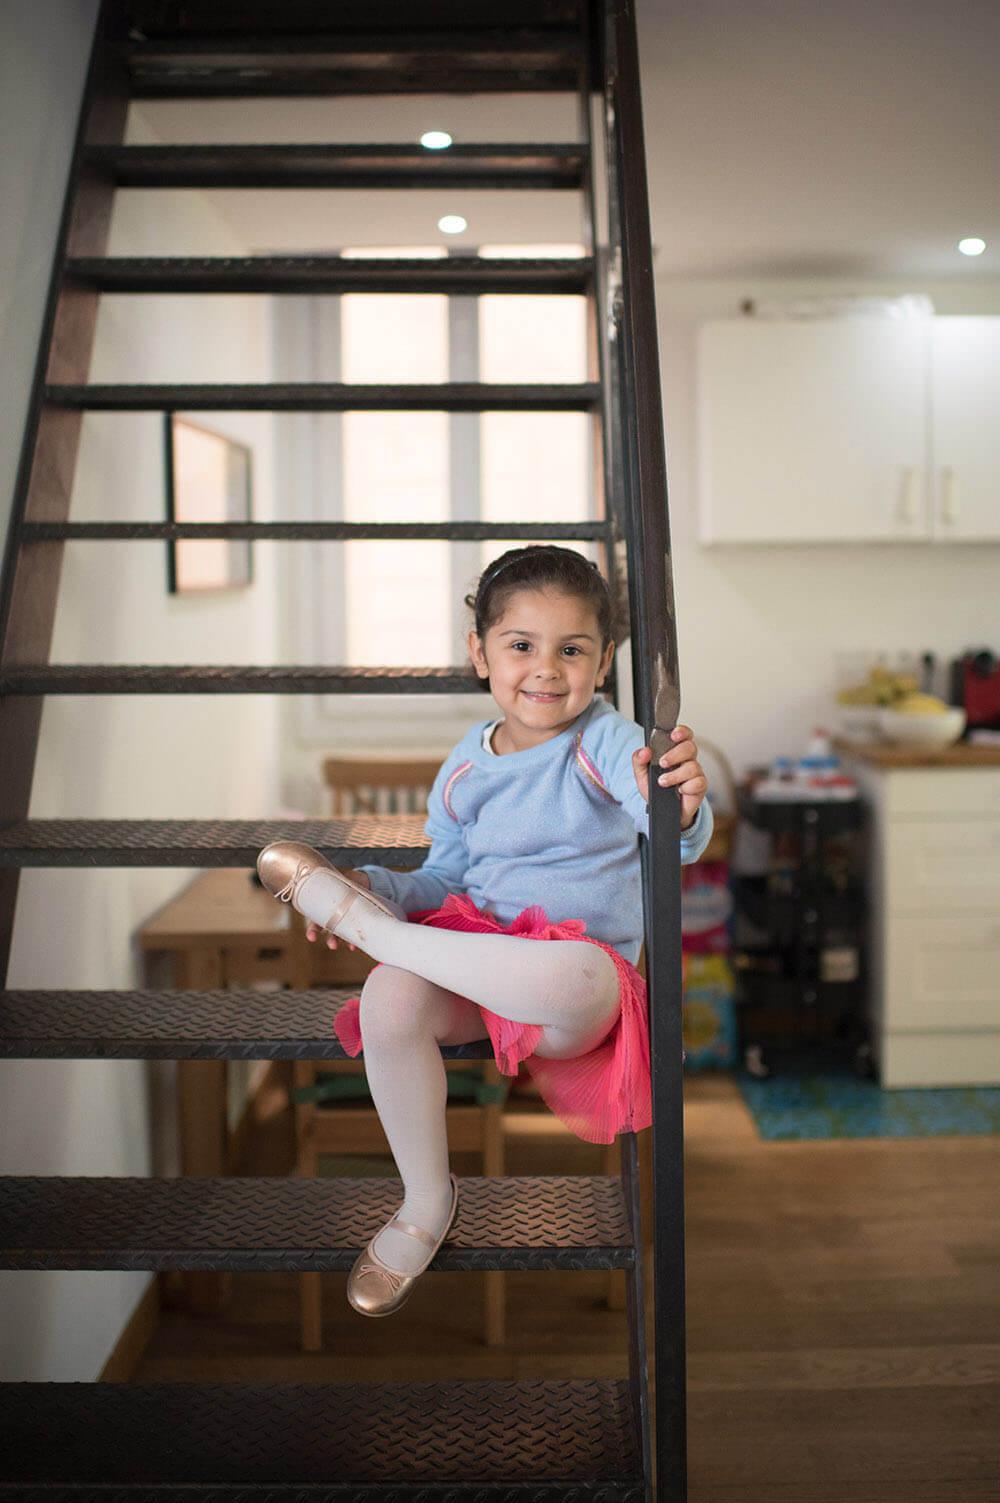 Jolie demoiselle prend la pause sur des escaliers.